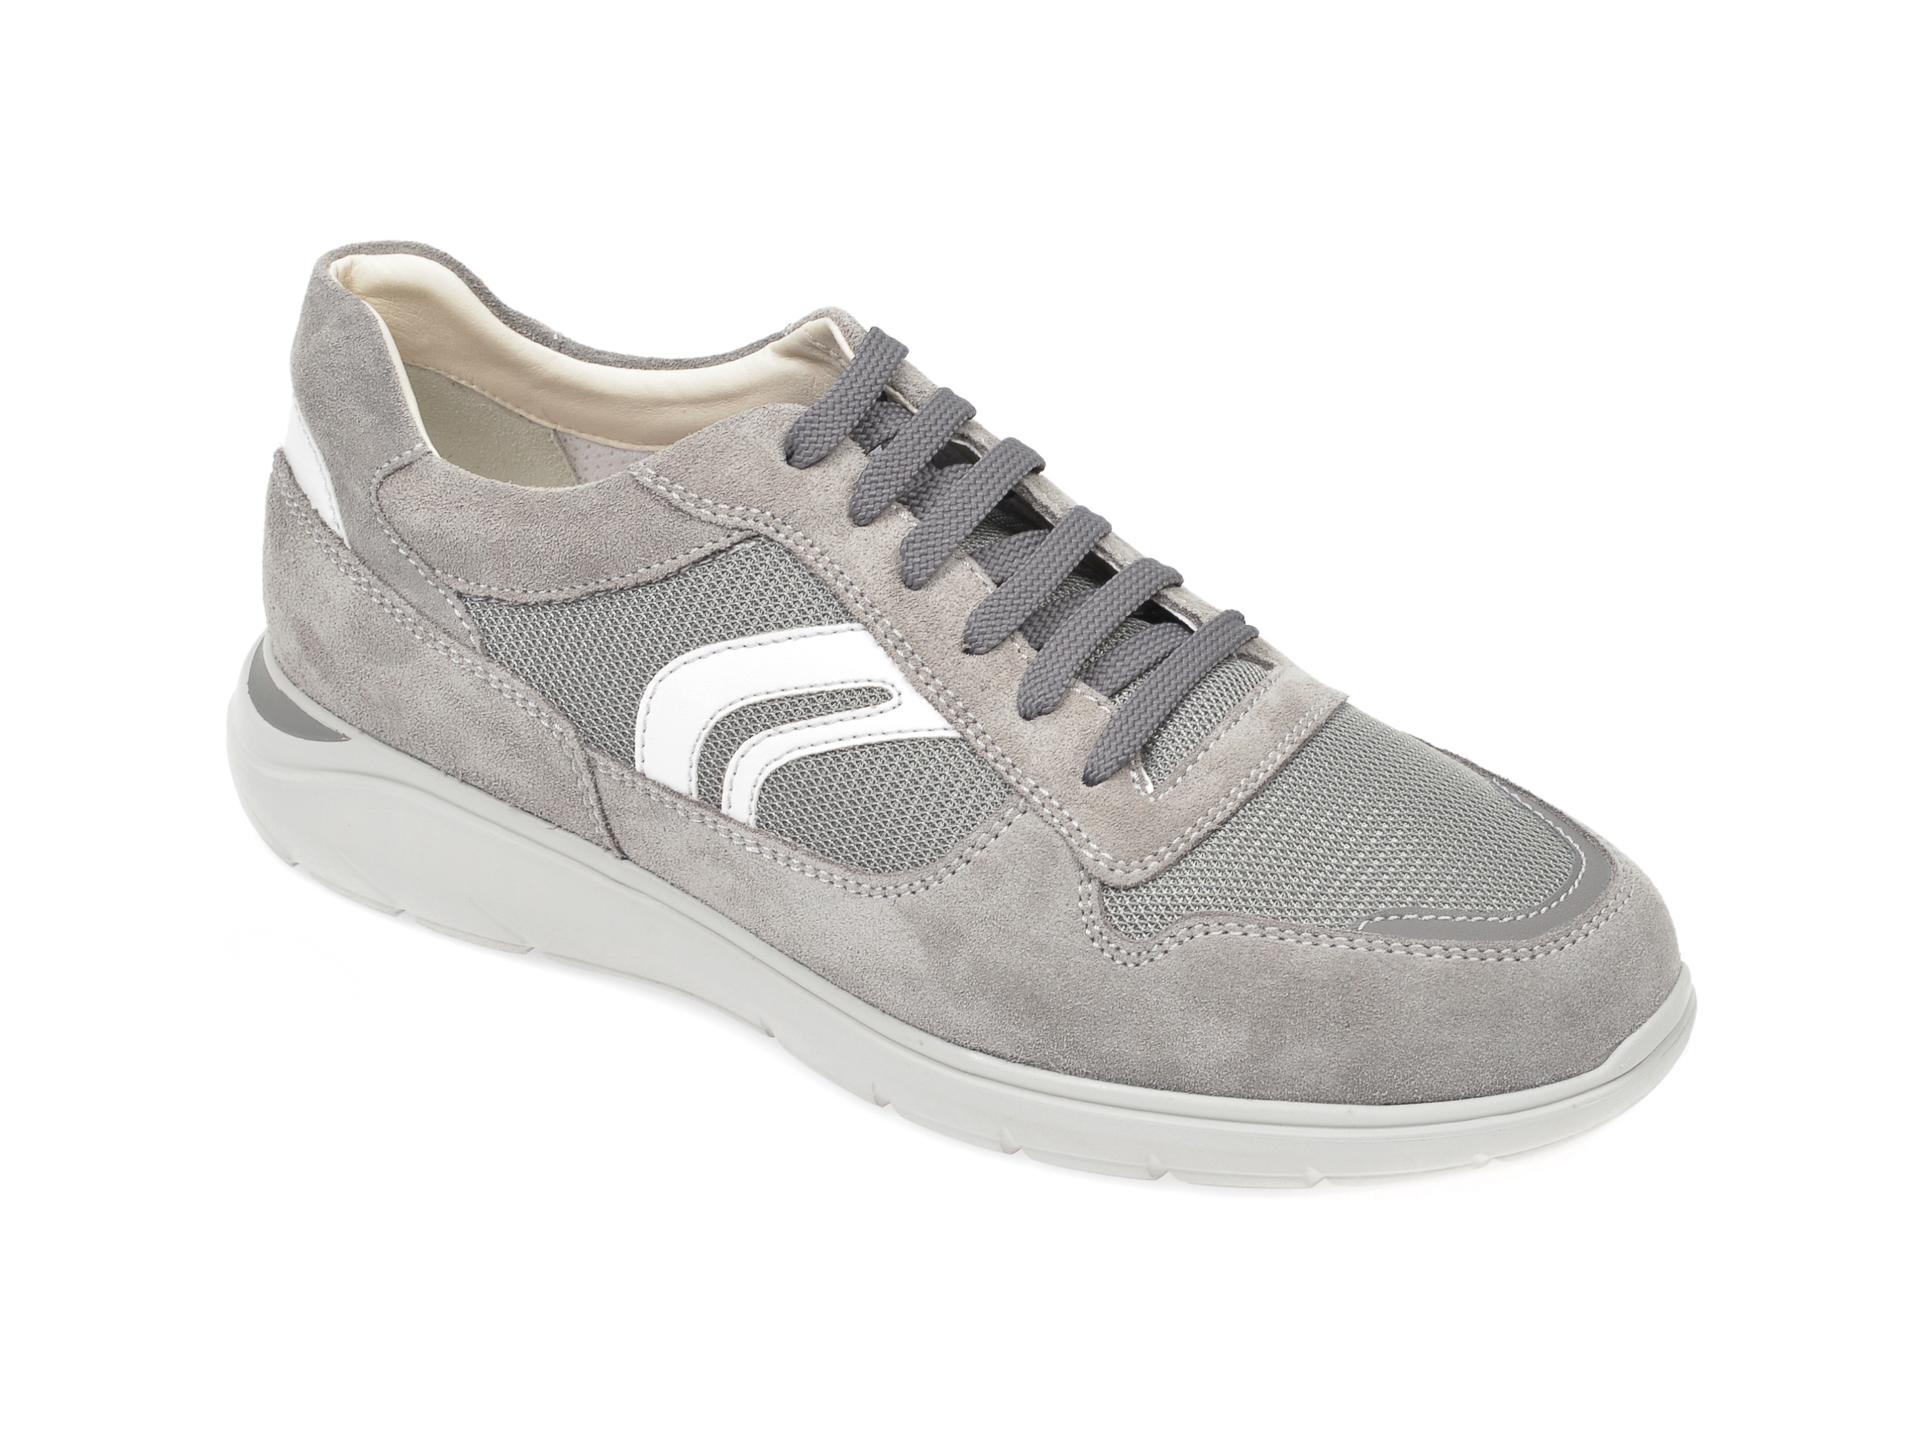 Pantofi sport GEOX gri, U029DC, din material textil si piele naturala imagine